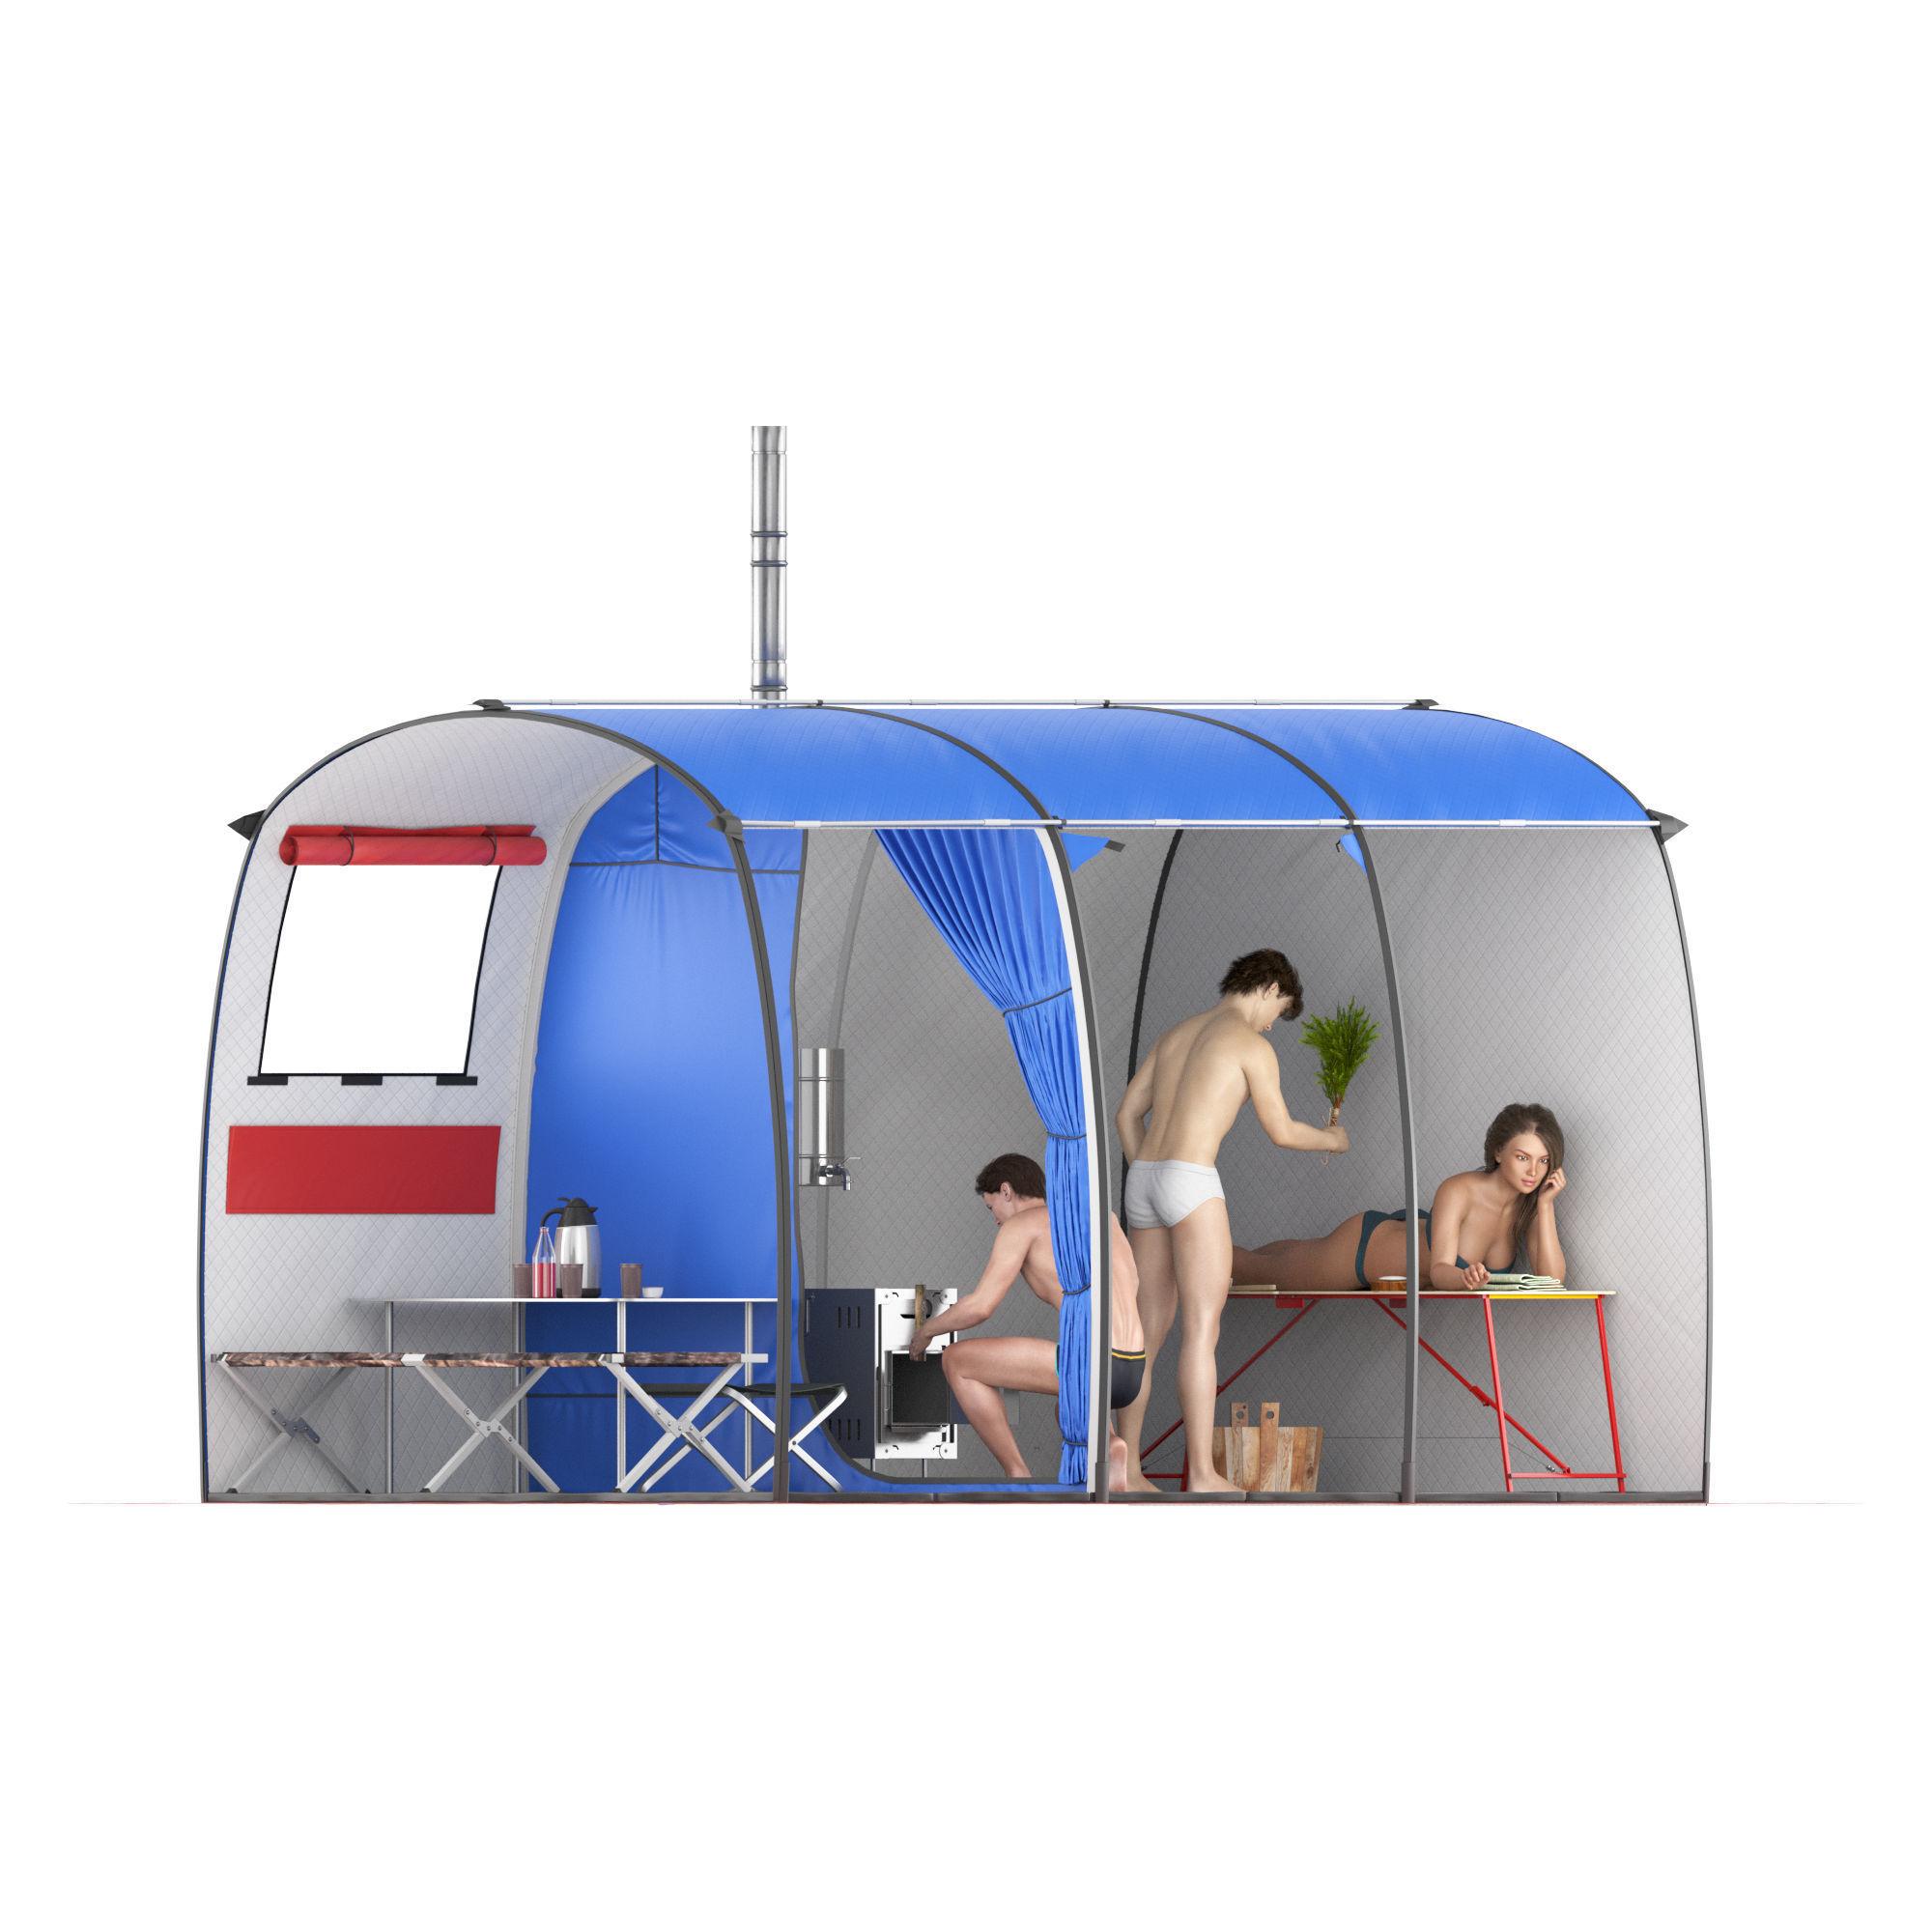 Tourist tent big - bath